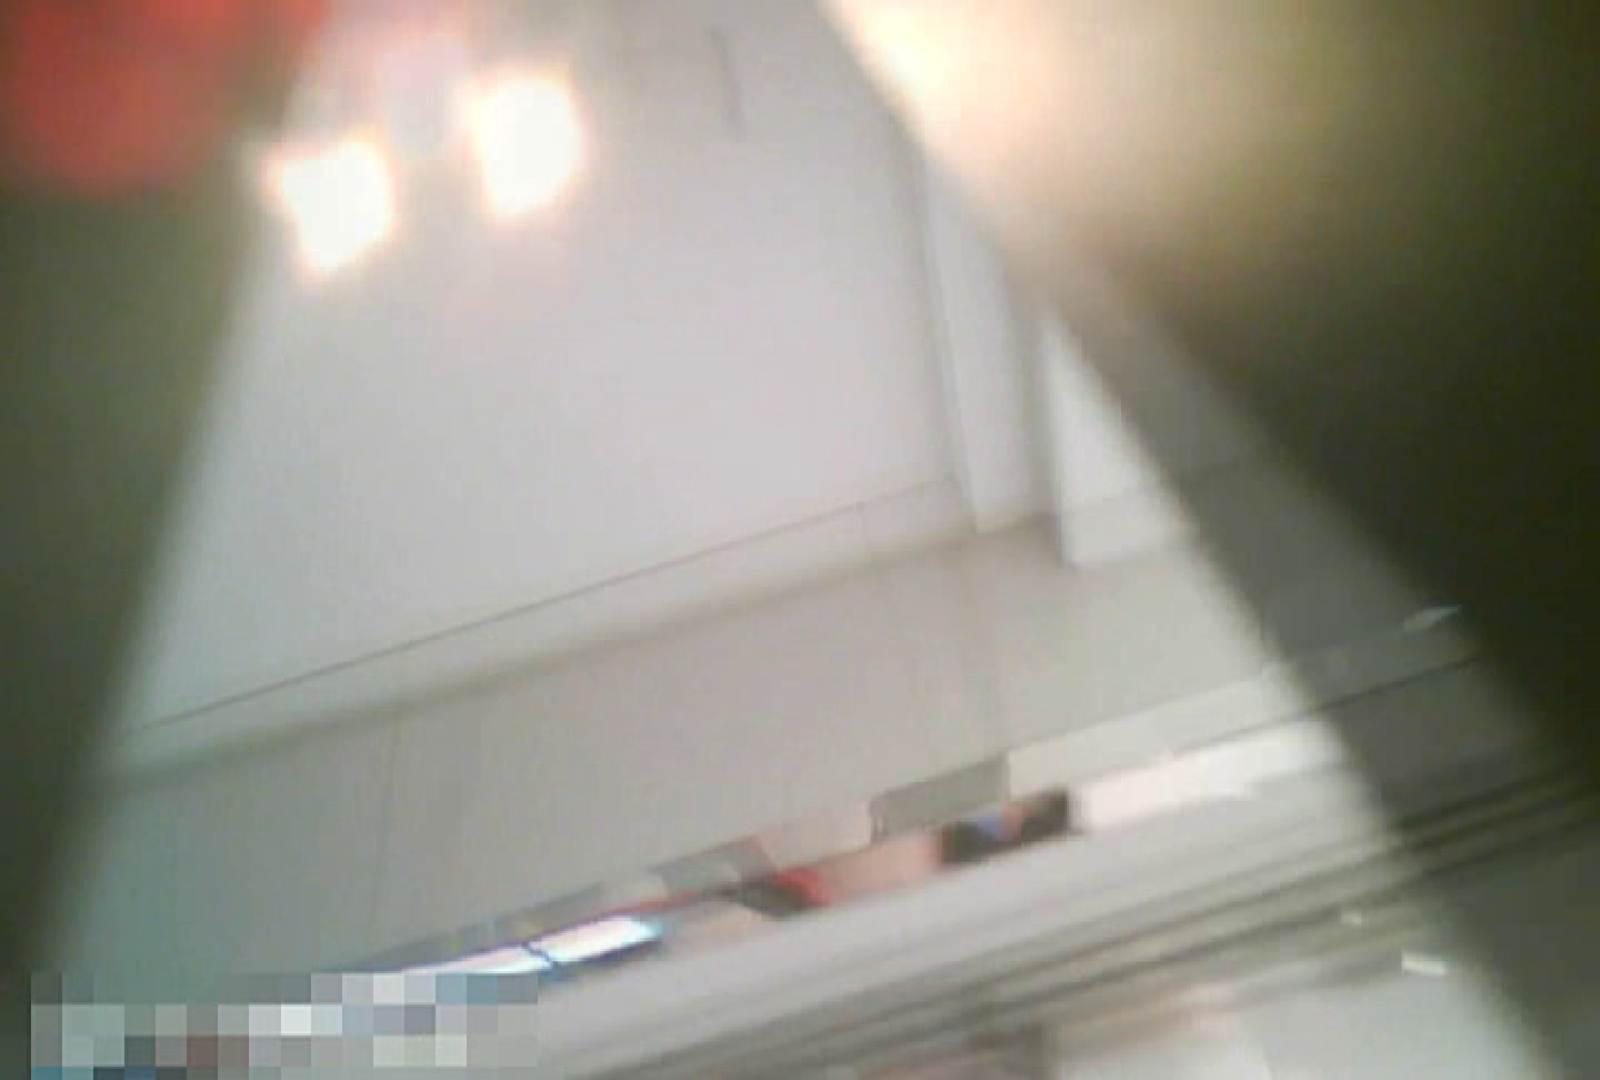 「チキン男」さんの制服ウォッチングVol.7 0   0  63画像 10